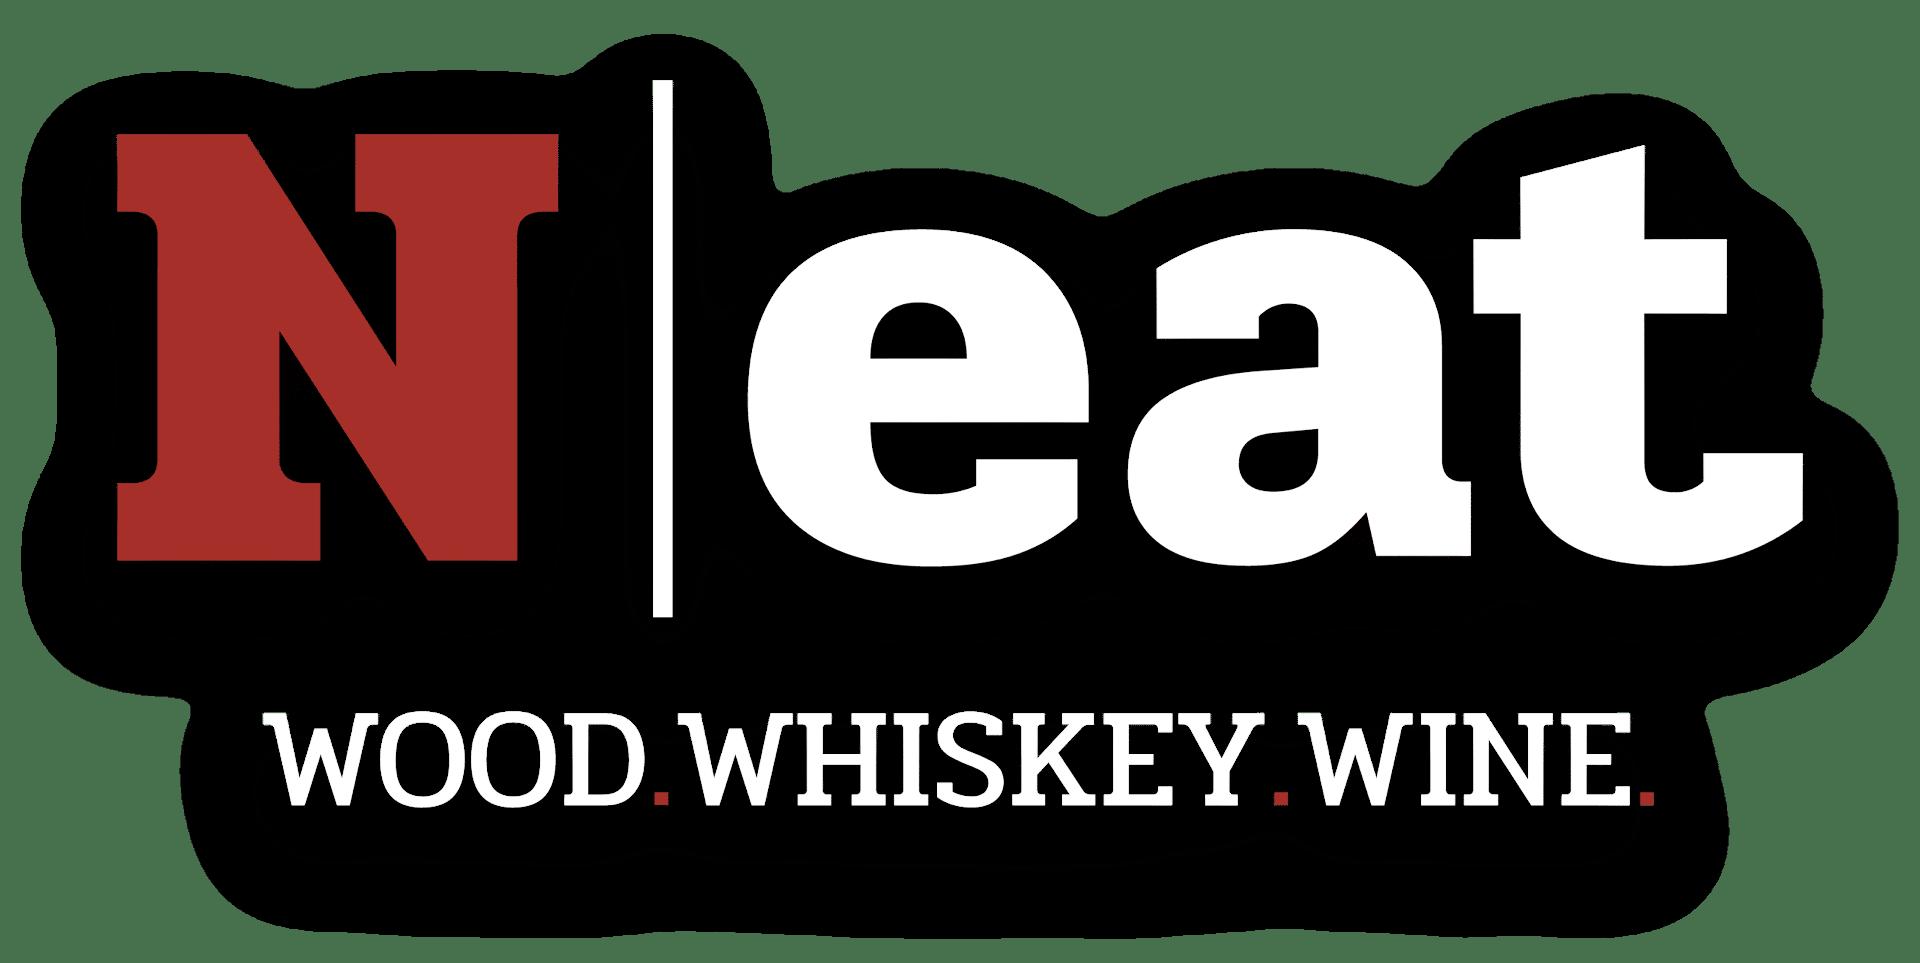 neat logo wood whiskey wine